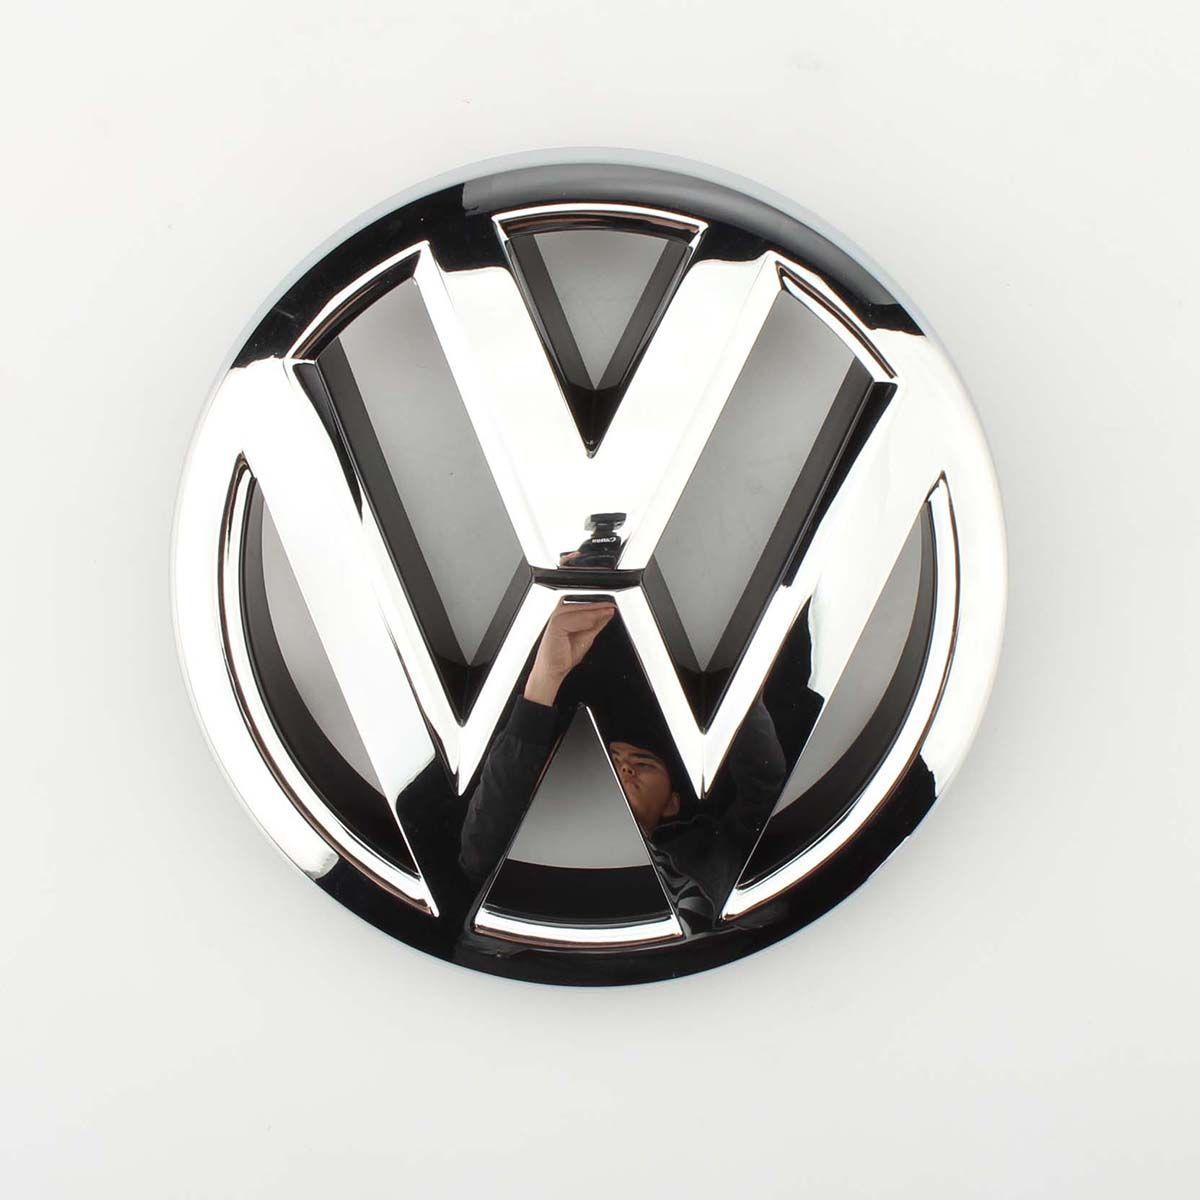 VW эмблема Chrome OEM Передняя решетка Знак Jetta MK6 седан 2011-14 5C6853601ULM